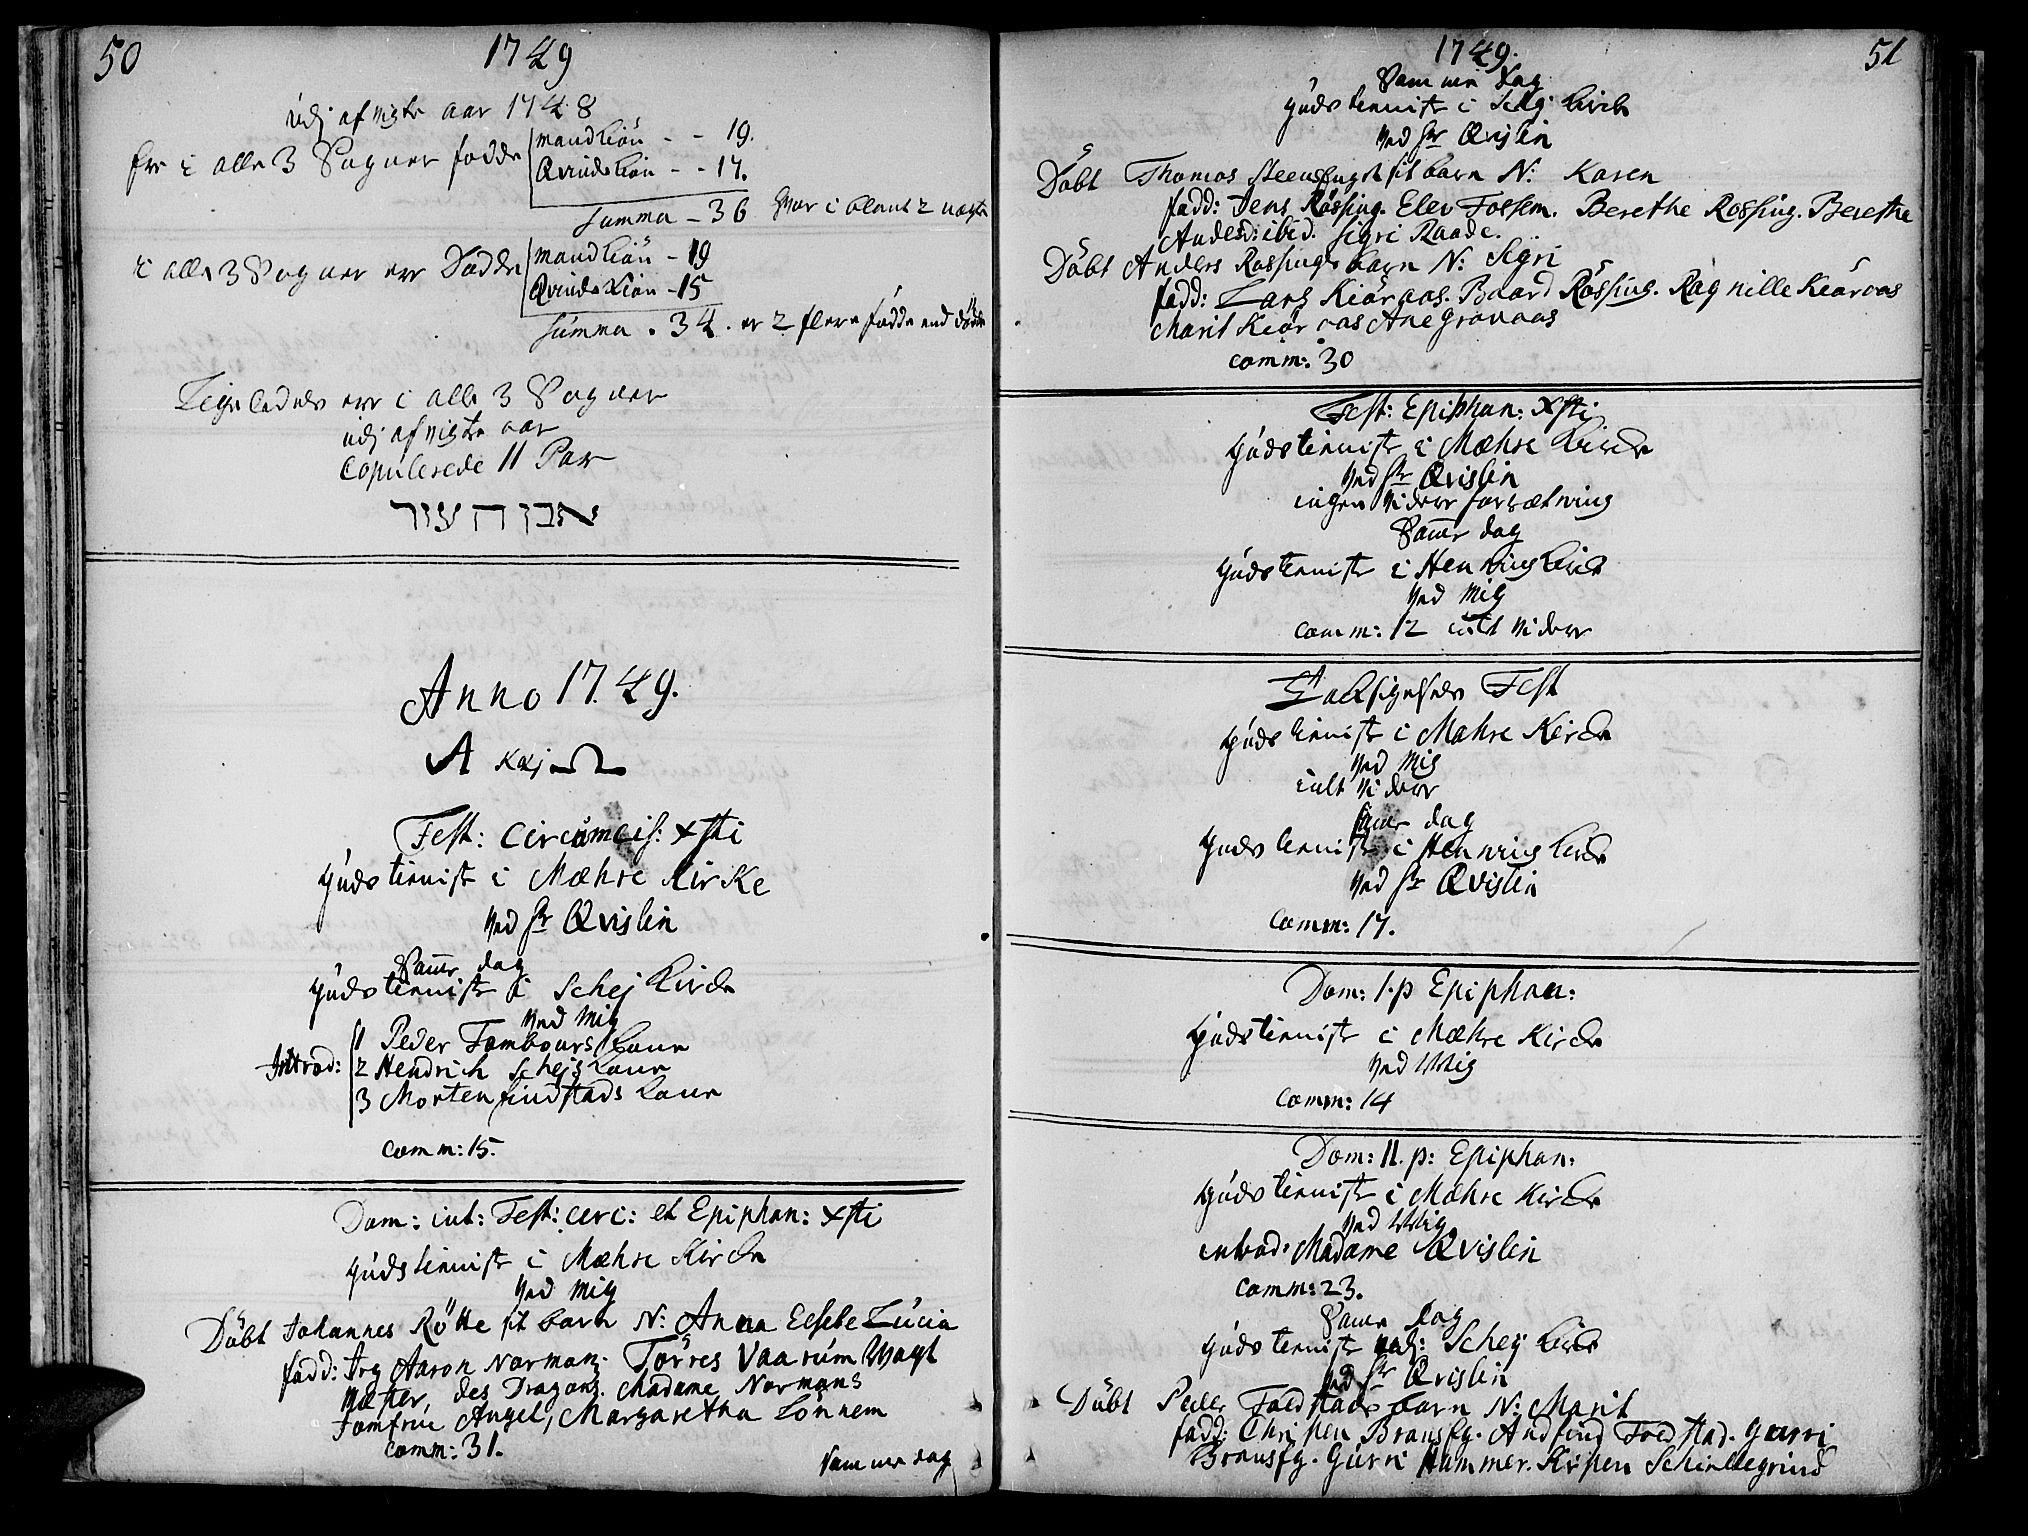 SAT, Ministerialprotokoller, klokkerbøker og fødselsregistre - Nord-Trøndelag, 735/L0330: Ministerialbok nr. 735A01, 1740-1766, s. 50-51